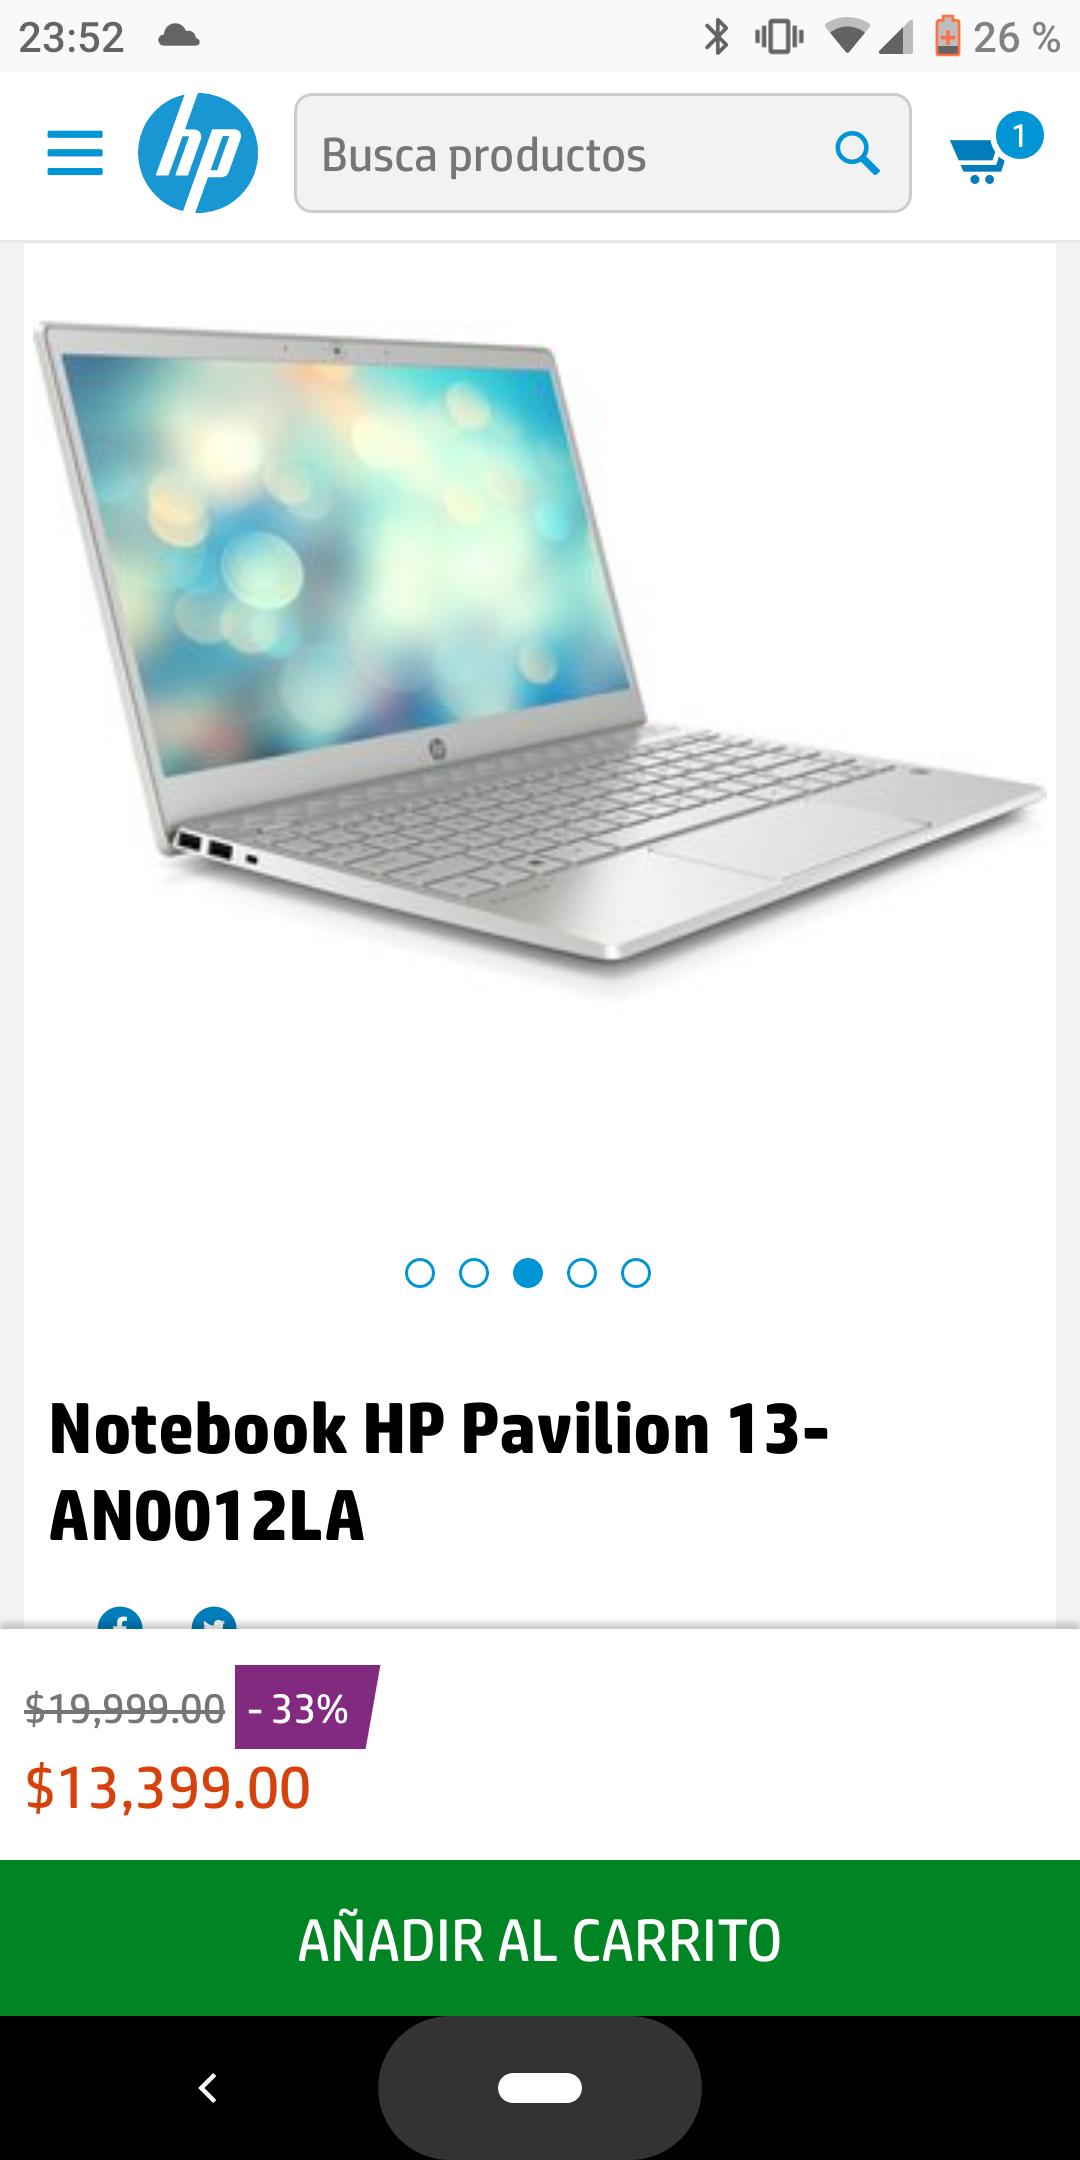 HP: Notebook HP Pavilion 13-AN0012LA (Pagando con Paypal)